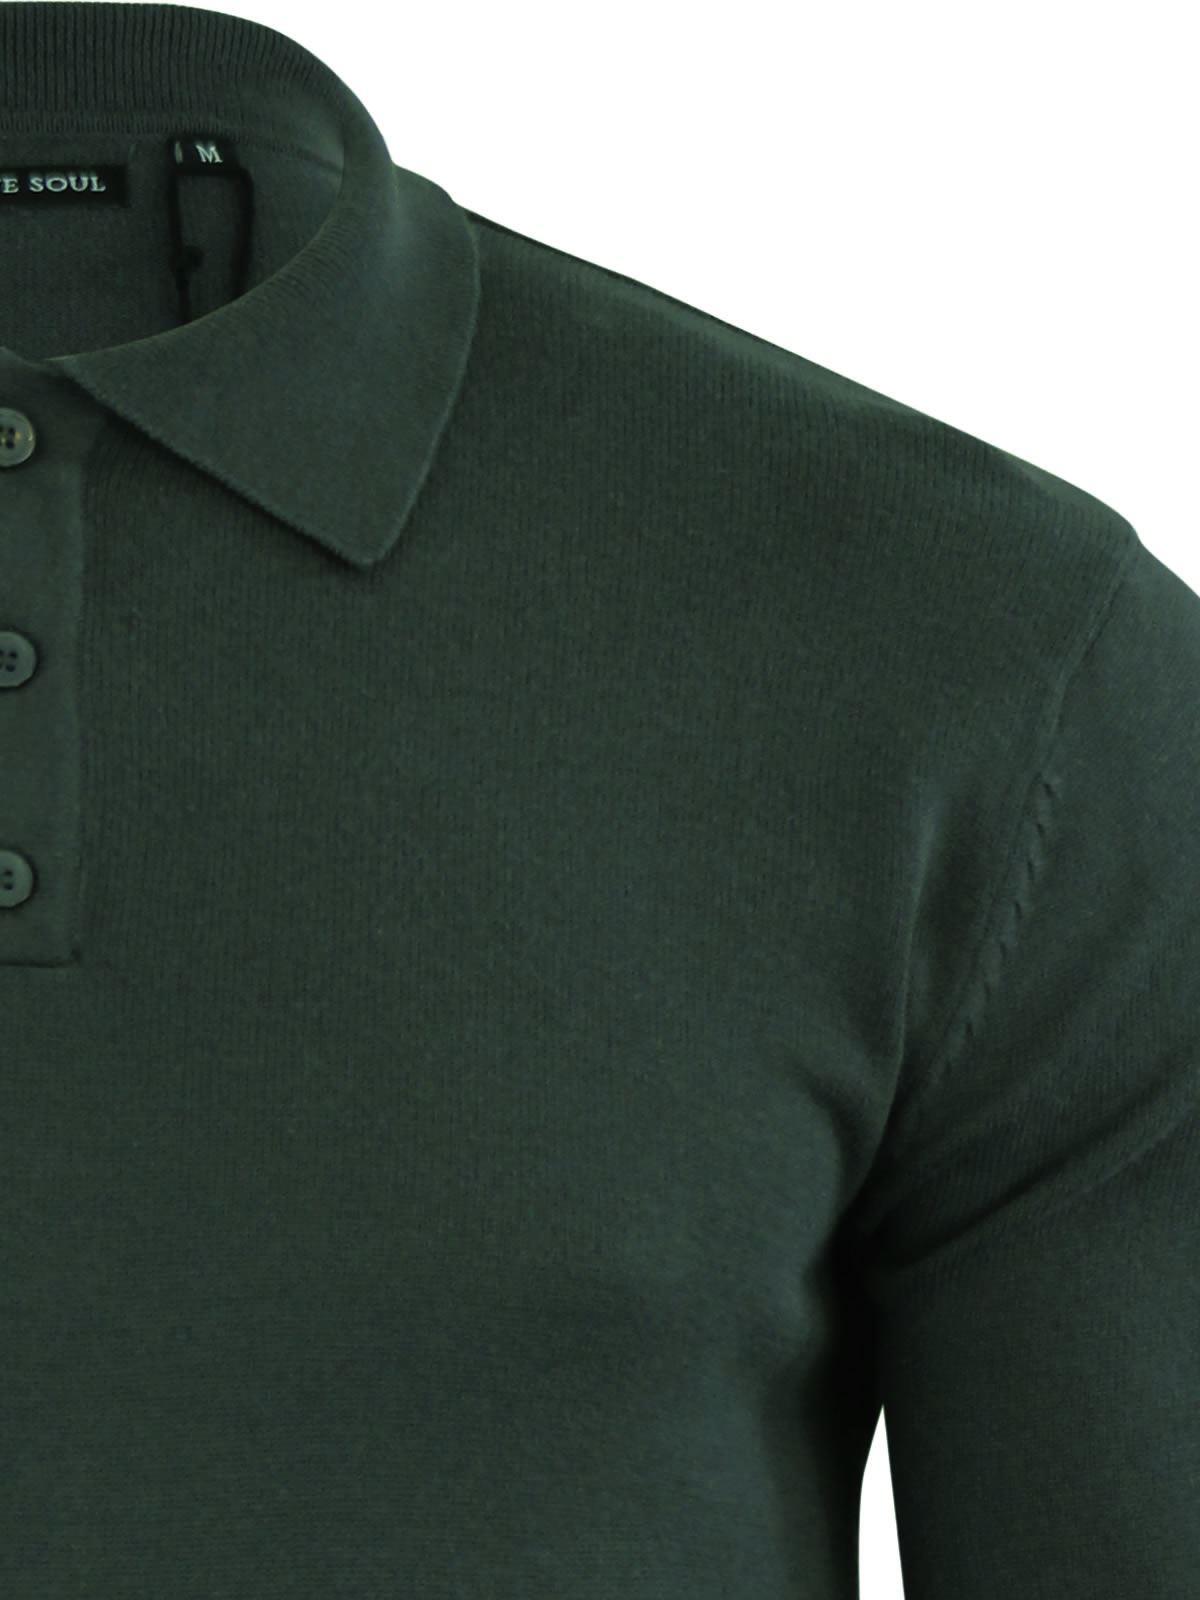 Brave-Soul-Patte-De-Boutonnage-Homme-Tricot-Polo-T-Shirt-a-Col-Pull miniature 22